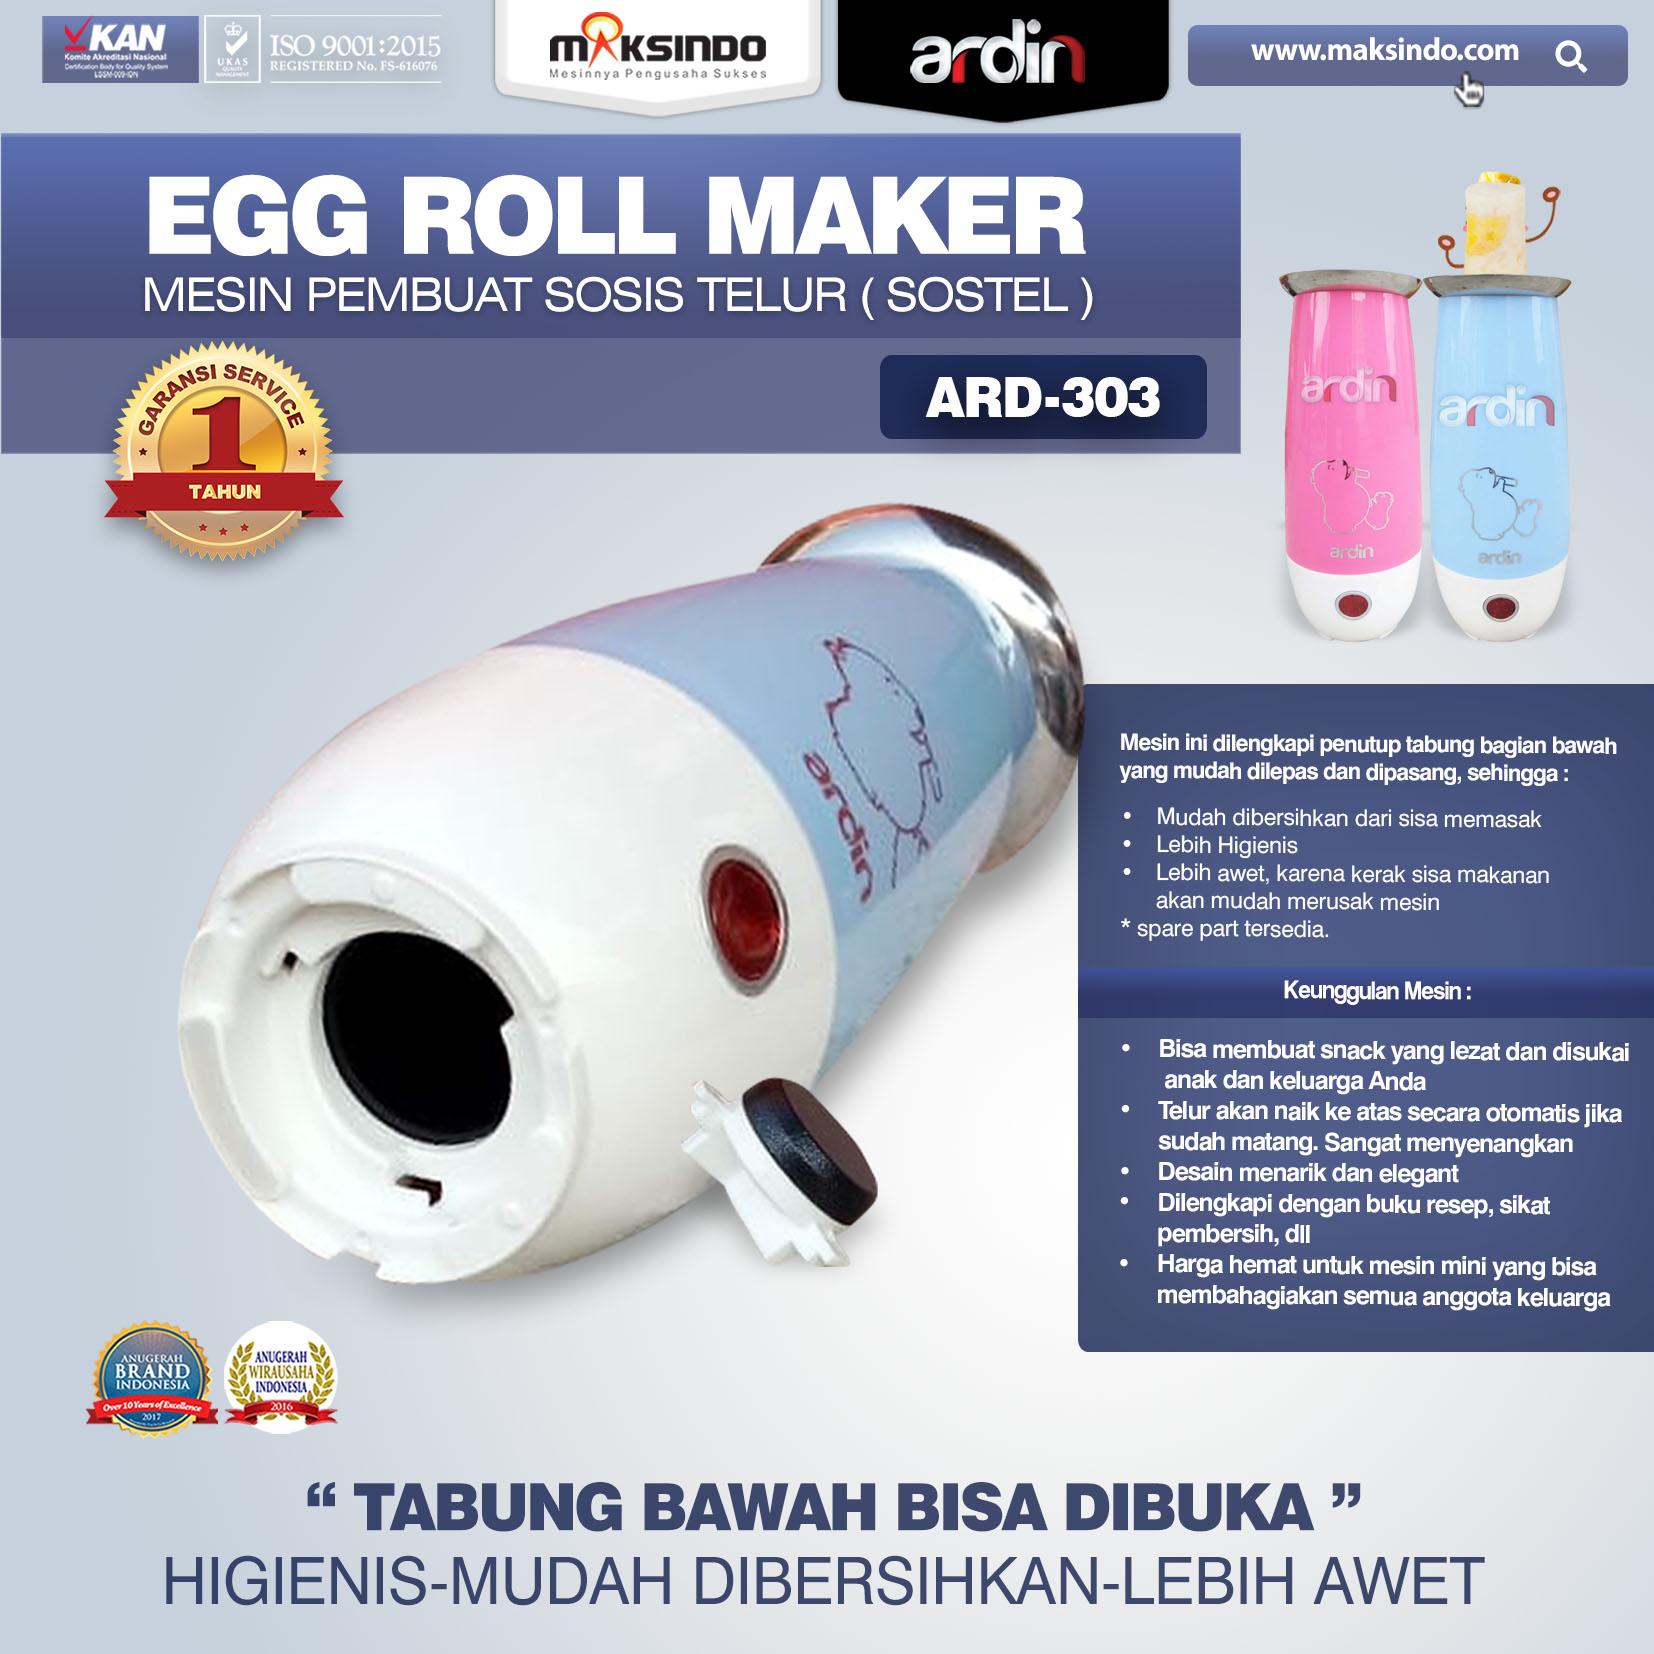 ARD-303 Egg Roll Maker